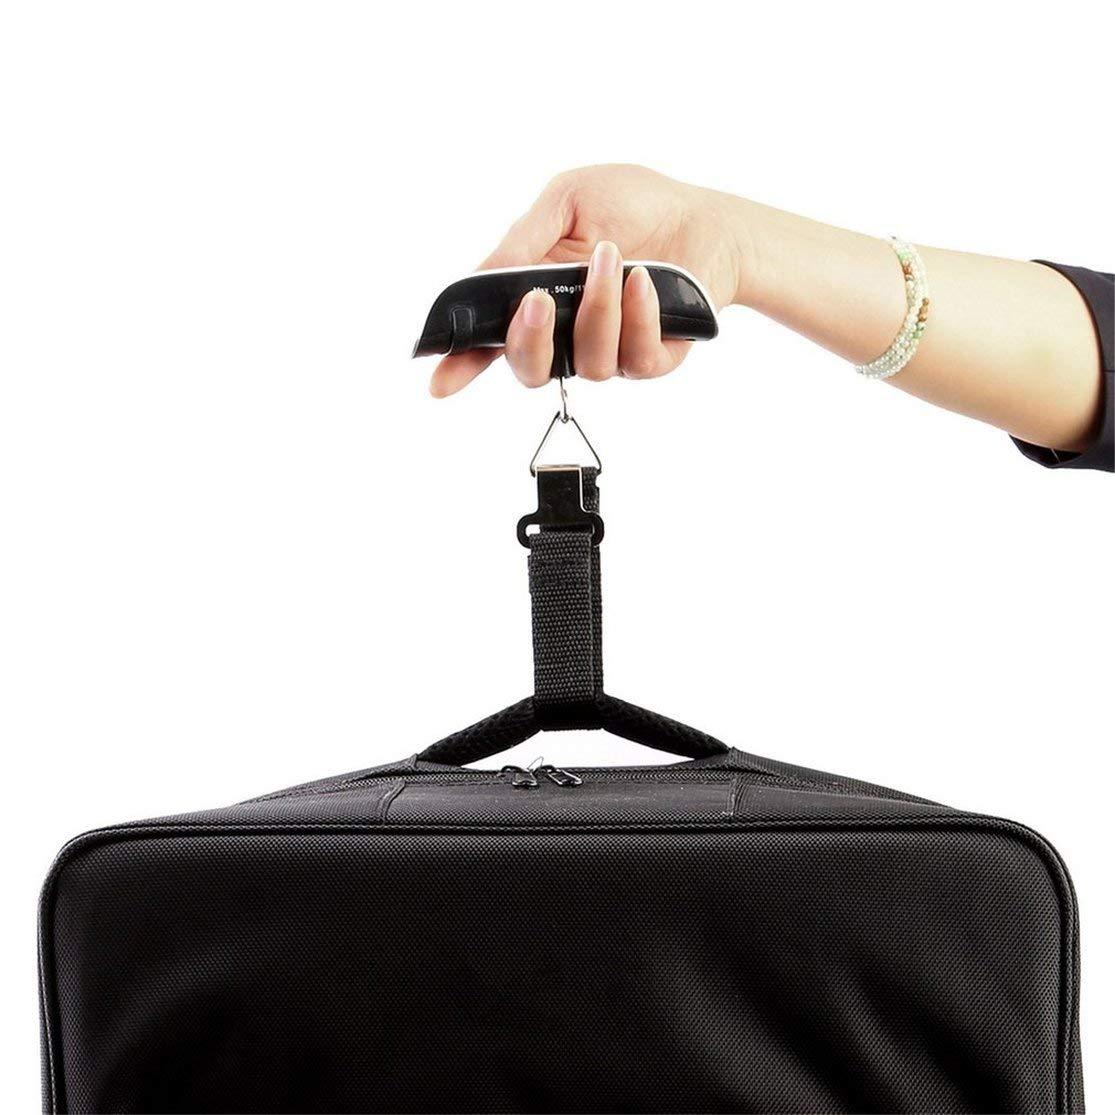 Colore: argento 110 lb Bilancia elettronica portatile digitale LCD per appendere peso Scala per bagagli per bagaglio Borsa da viaggio valigia 50 kg